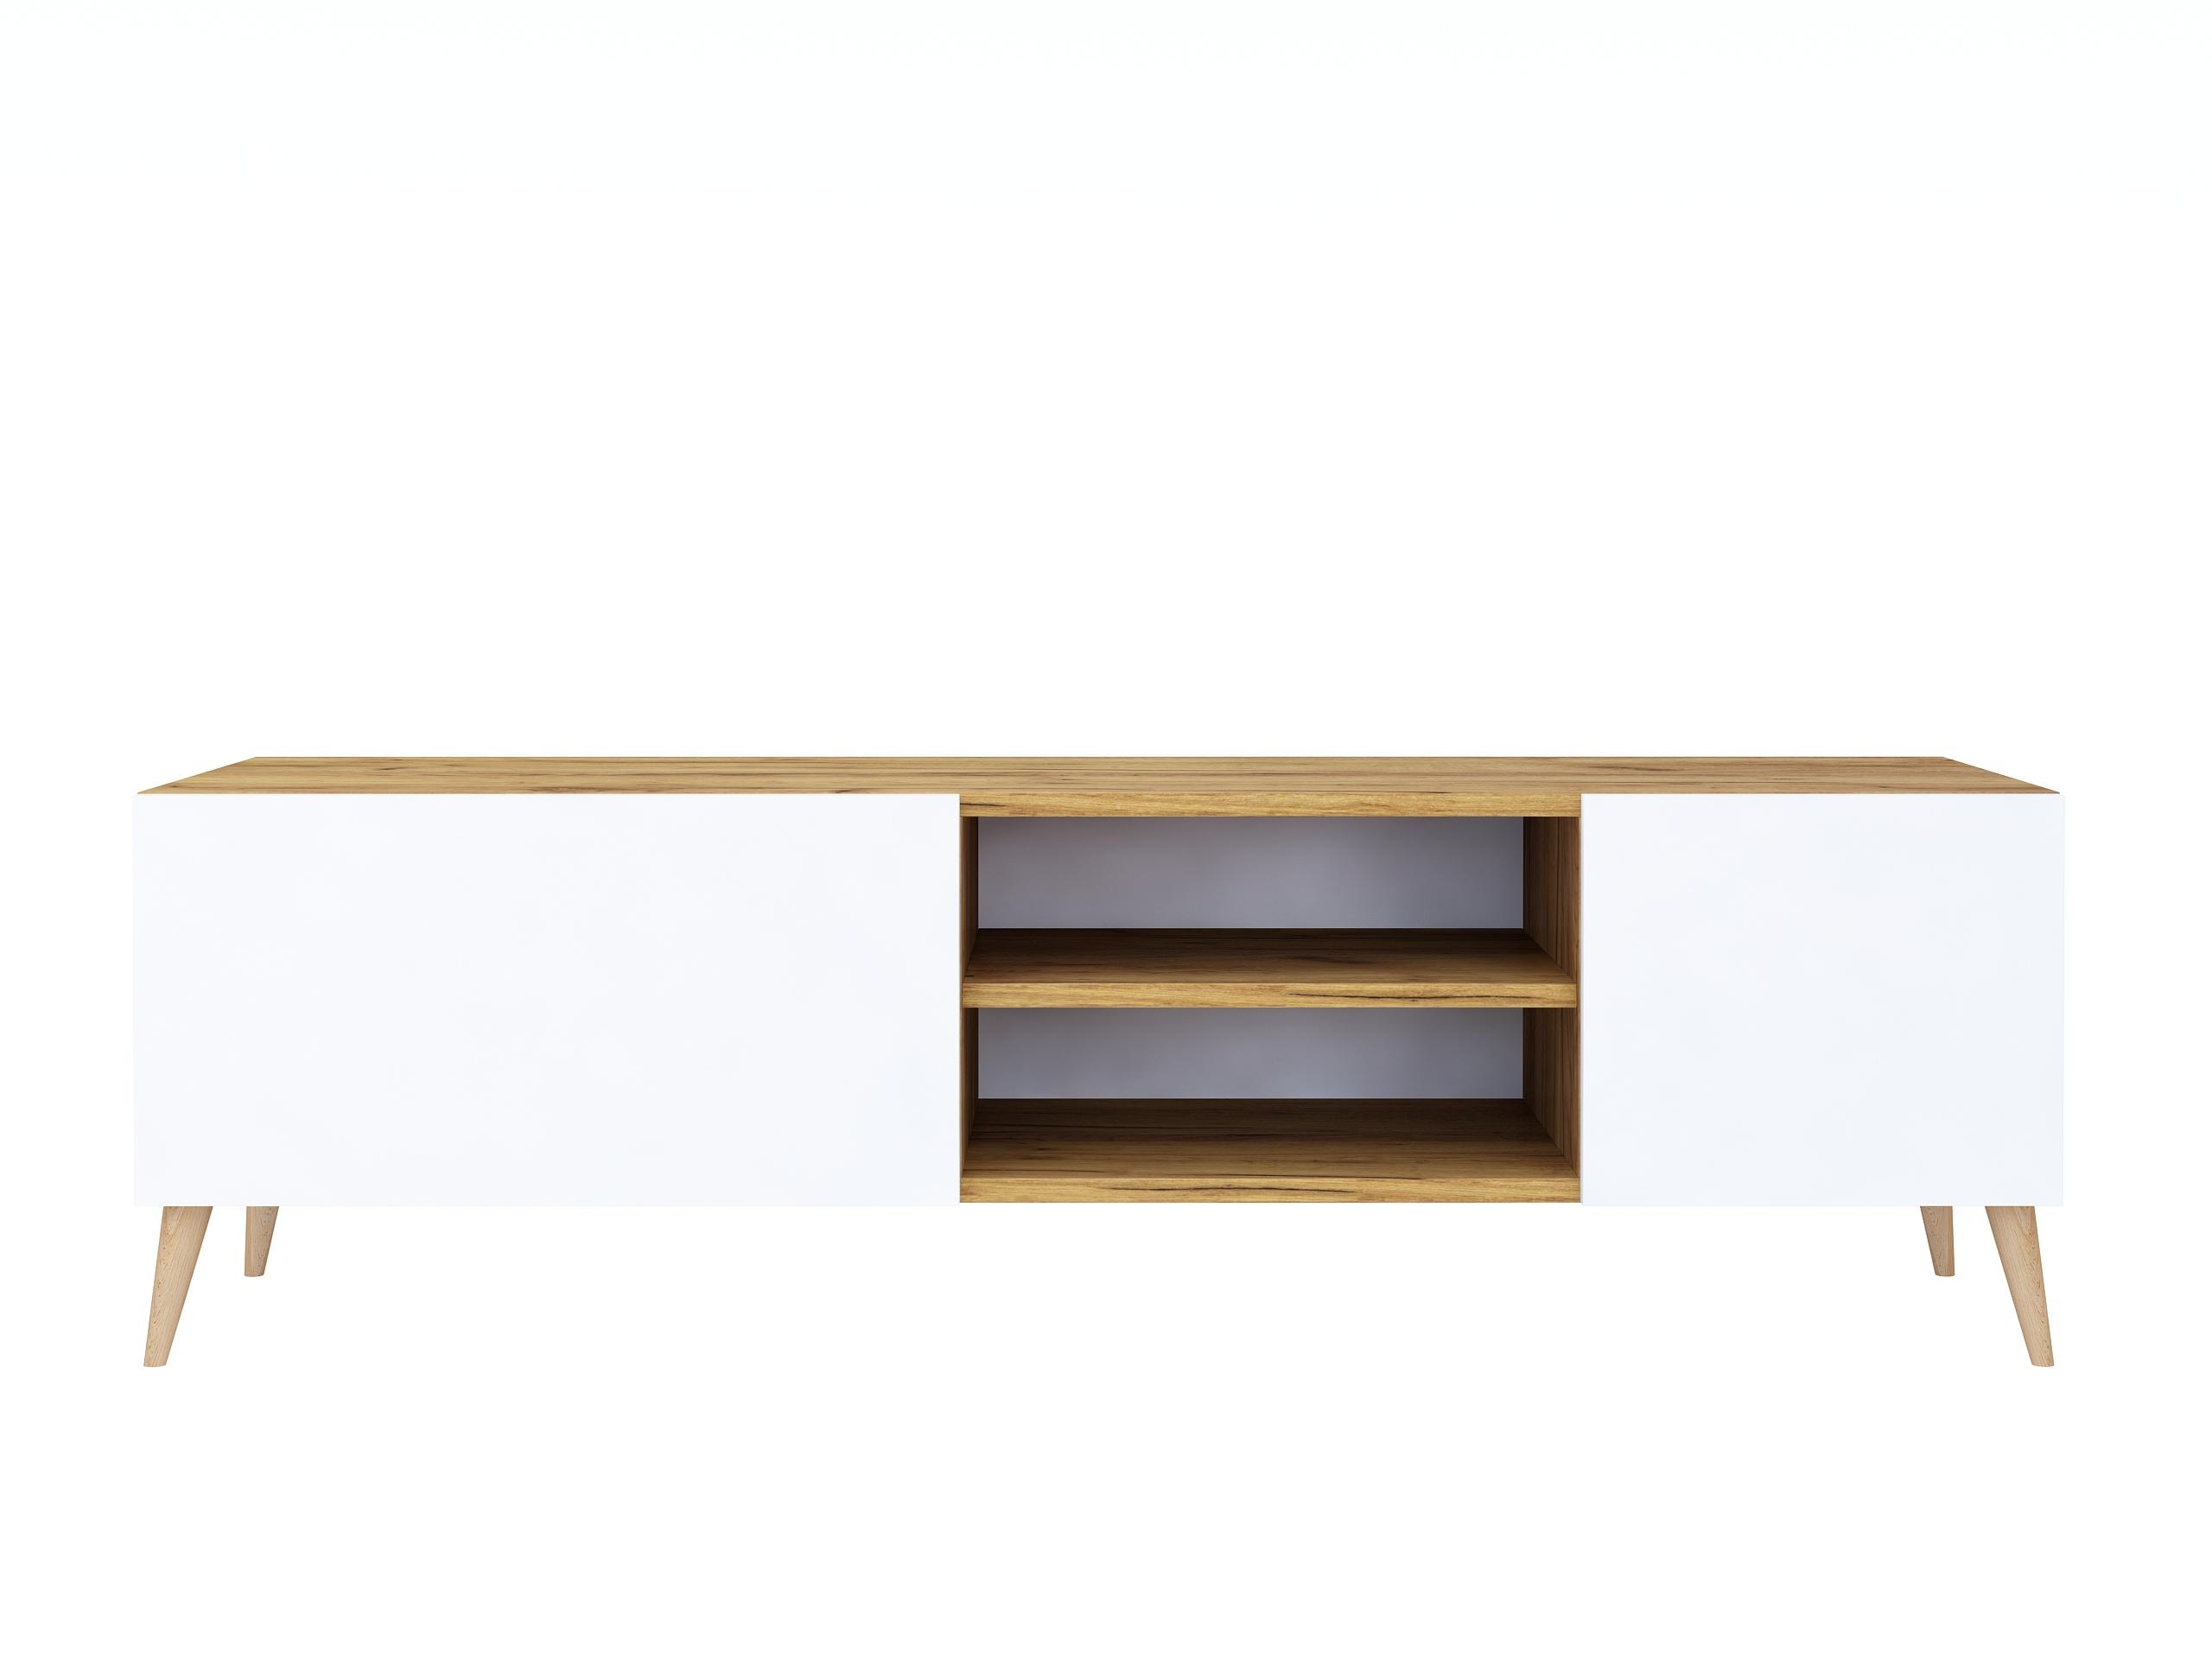 dąb craft, dąb złoty, biały mat, drewniane nogi, szafka do salonu na nóżkach